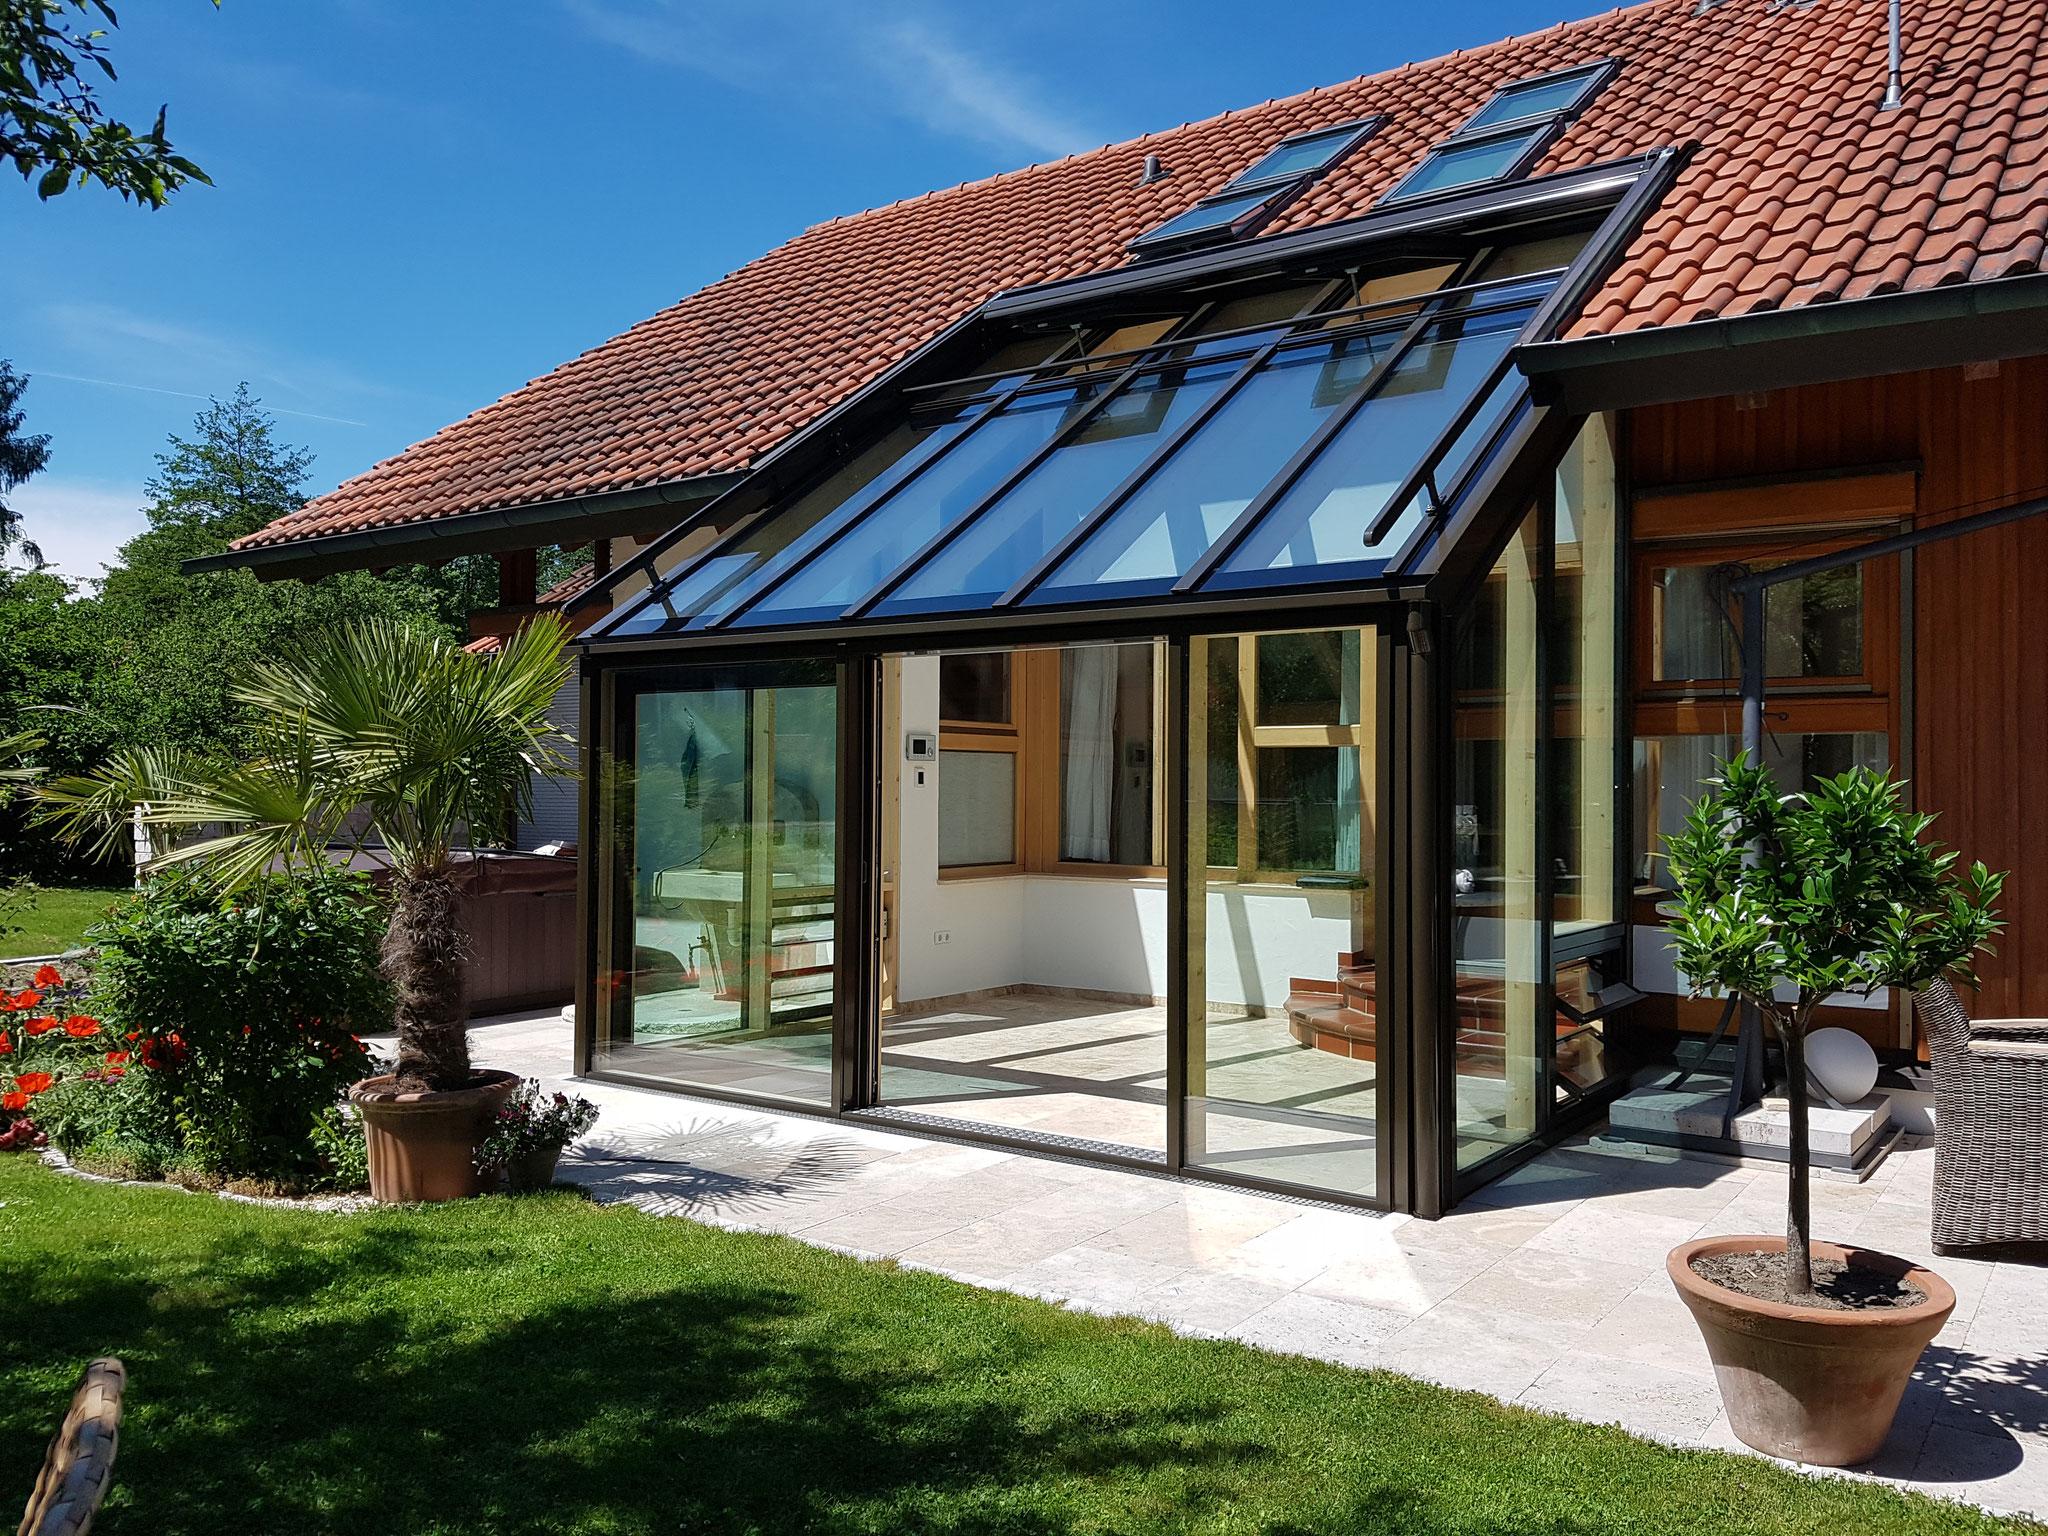 Klimatisierung durch Lamellenfenster als Zuluft und Glasdachfenster für Abluft und eine Hebeschiebetüre als Ausgang